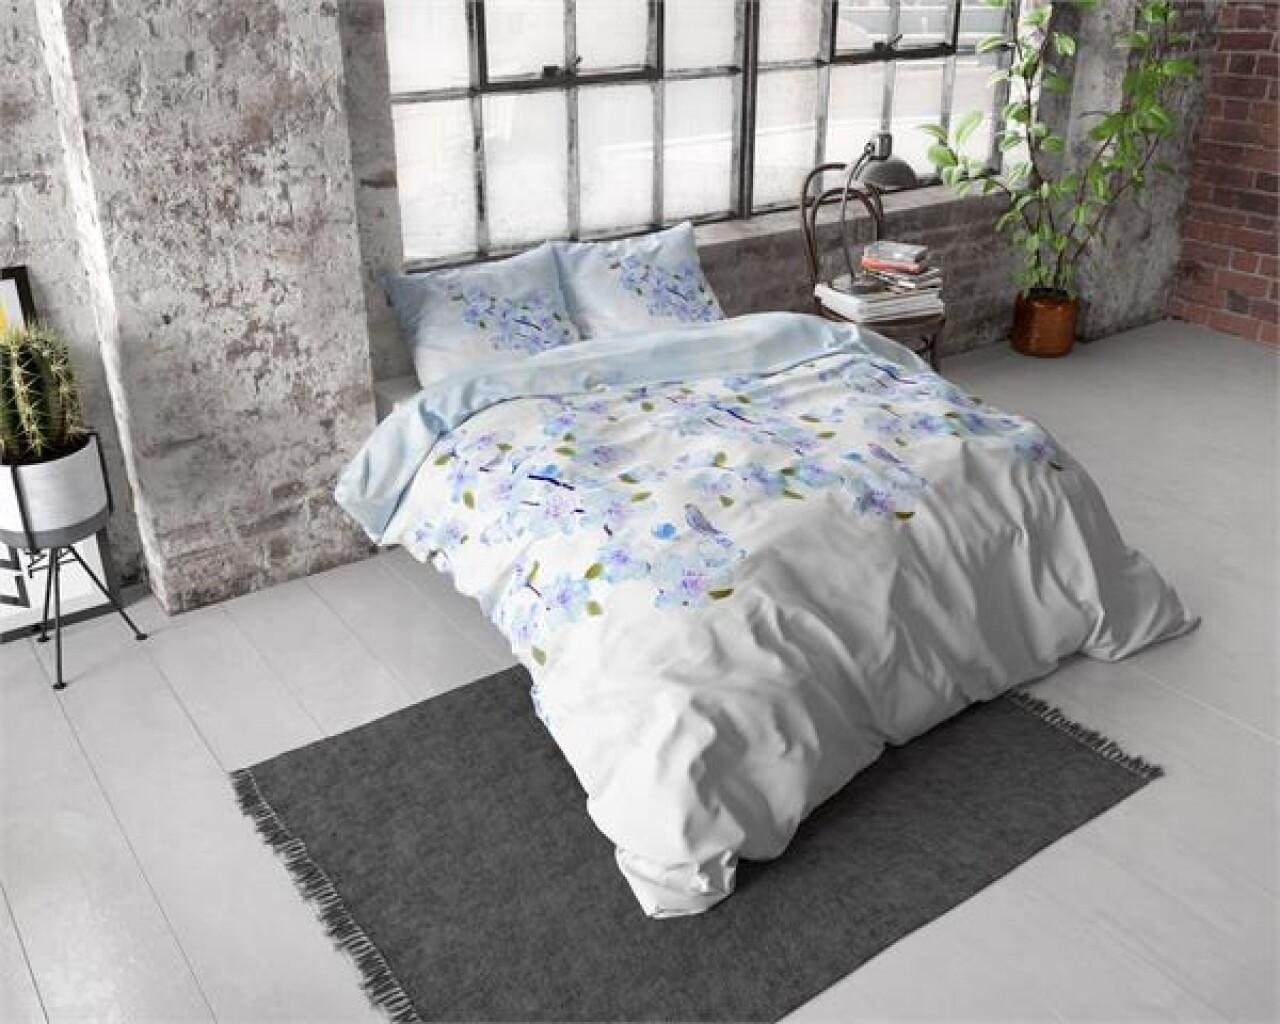 Lenjerie de pat dubla Sweet Flowers Turquoise, Royal Textile, 3 piese, 200 x 220 cm, 100% bumbac flanel, alb/albastru